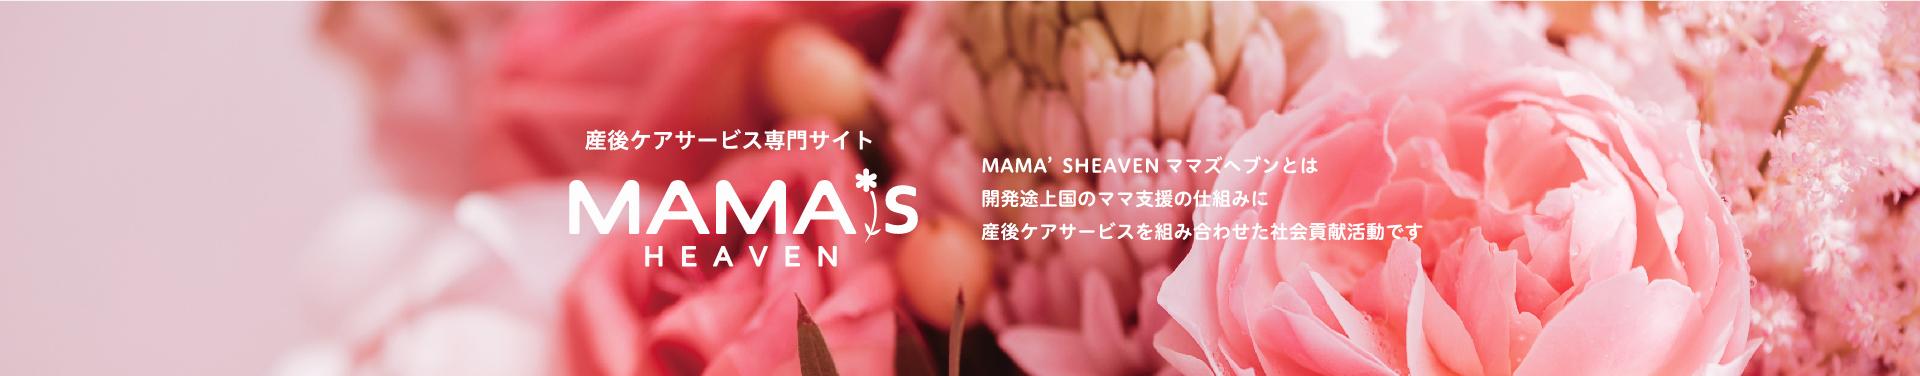 MAMA'S HEAVENとは開発途上国のママ支援の仕組みに産後ケアサービスを組み合わせた社会貢献活動です